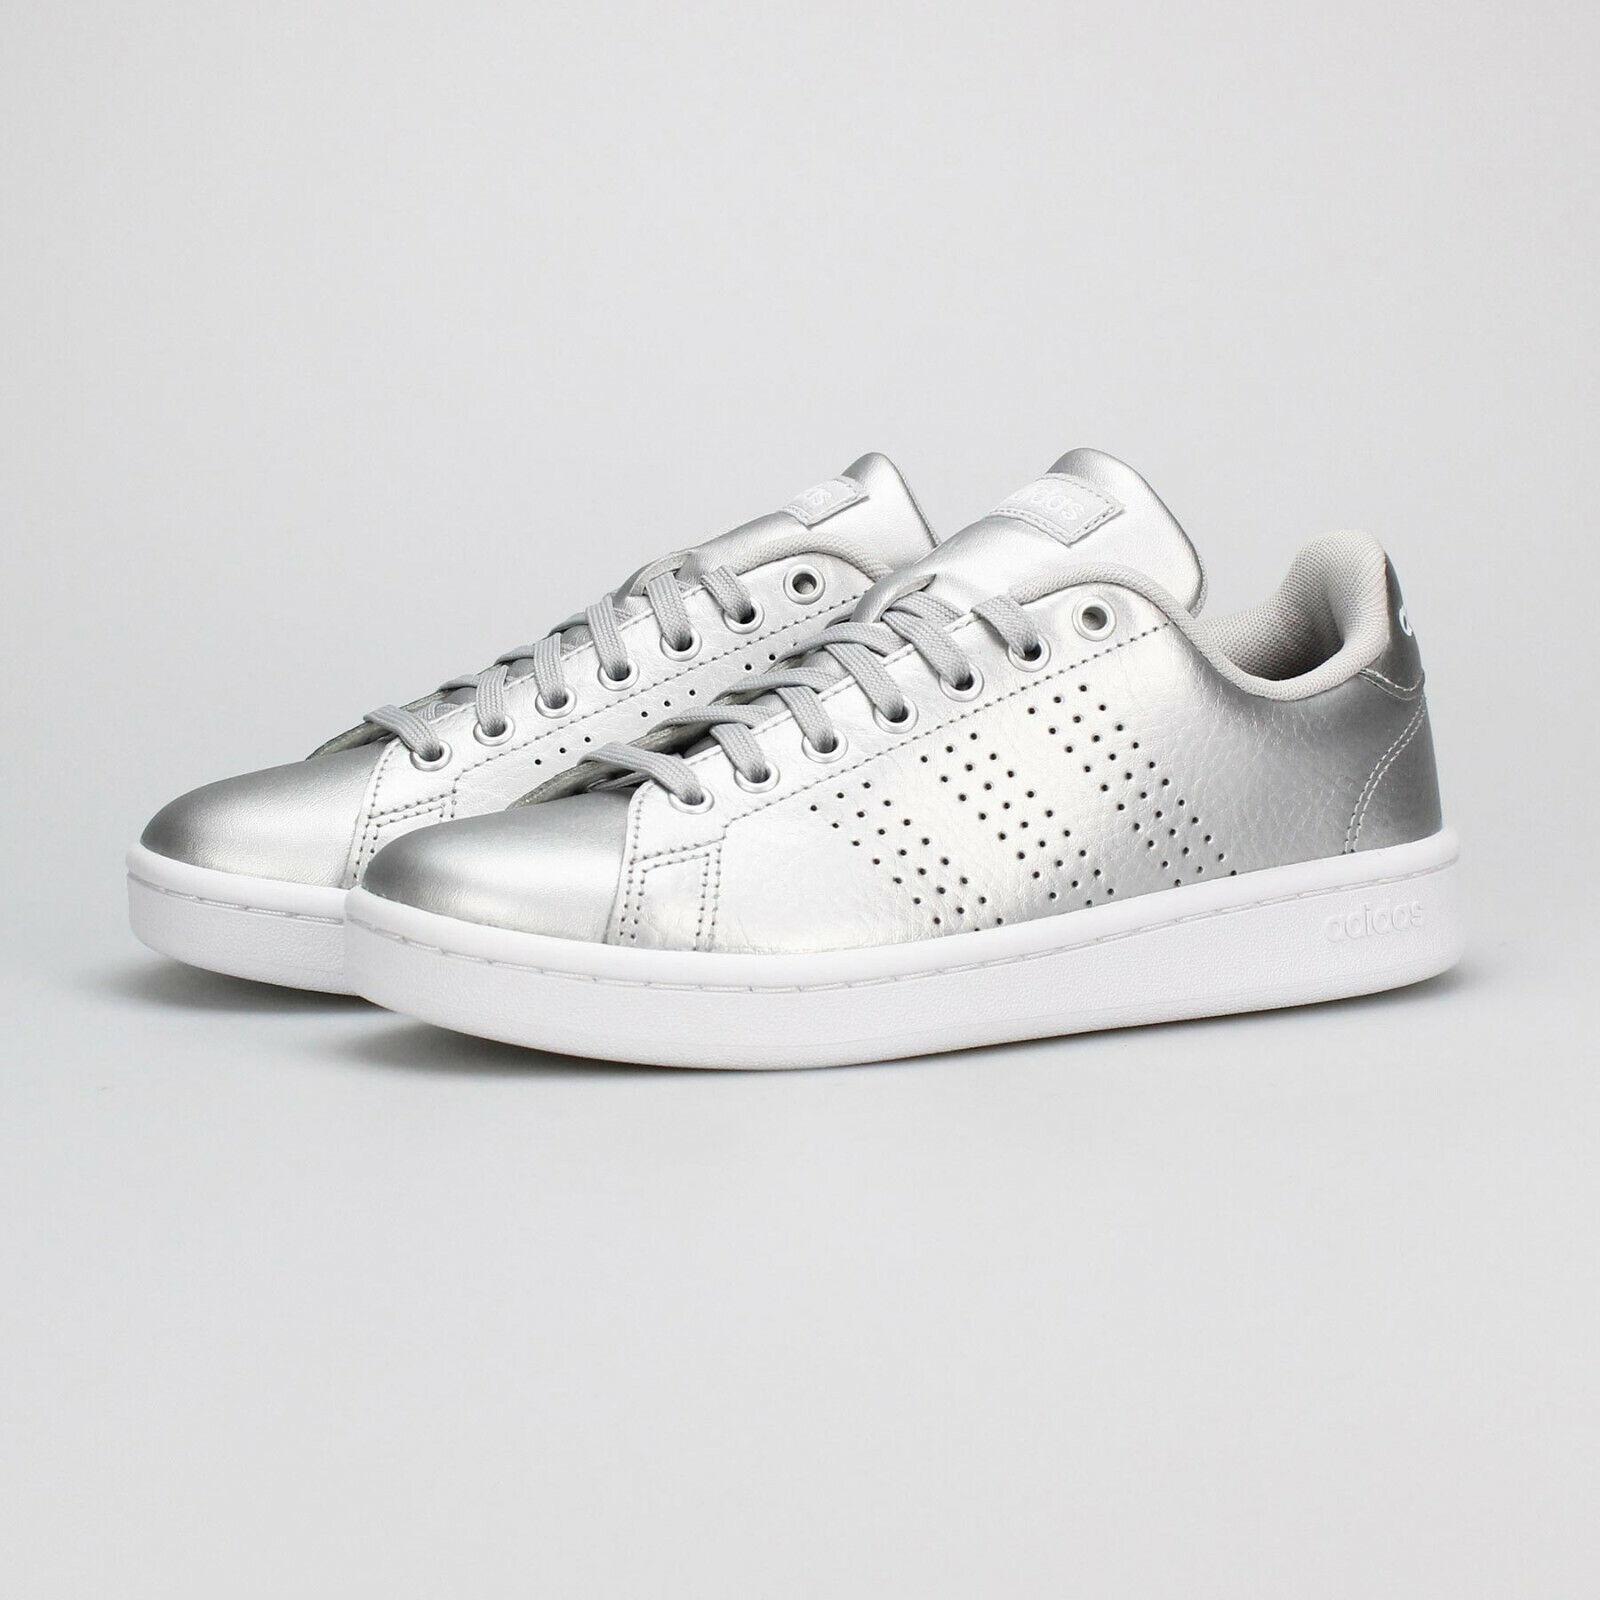 Adidas Damen Freizeitschuhe Turnschuhe Mode Essentials Vorteil Silber EE8197